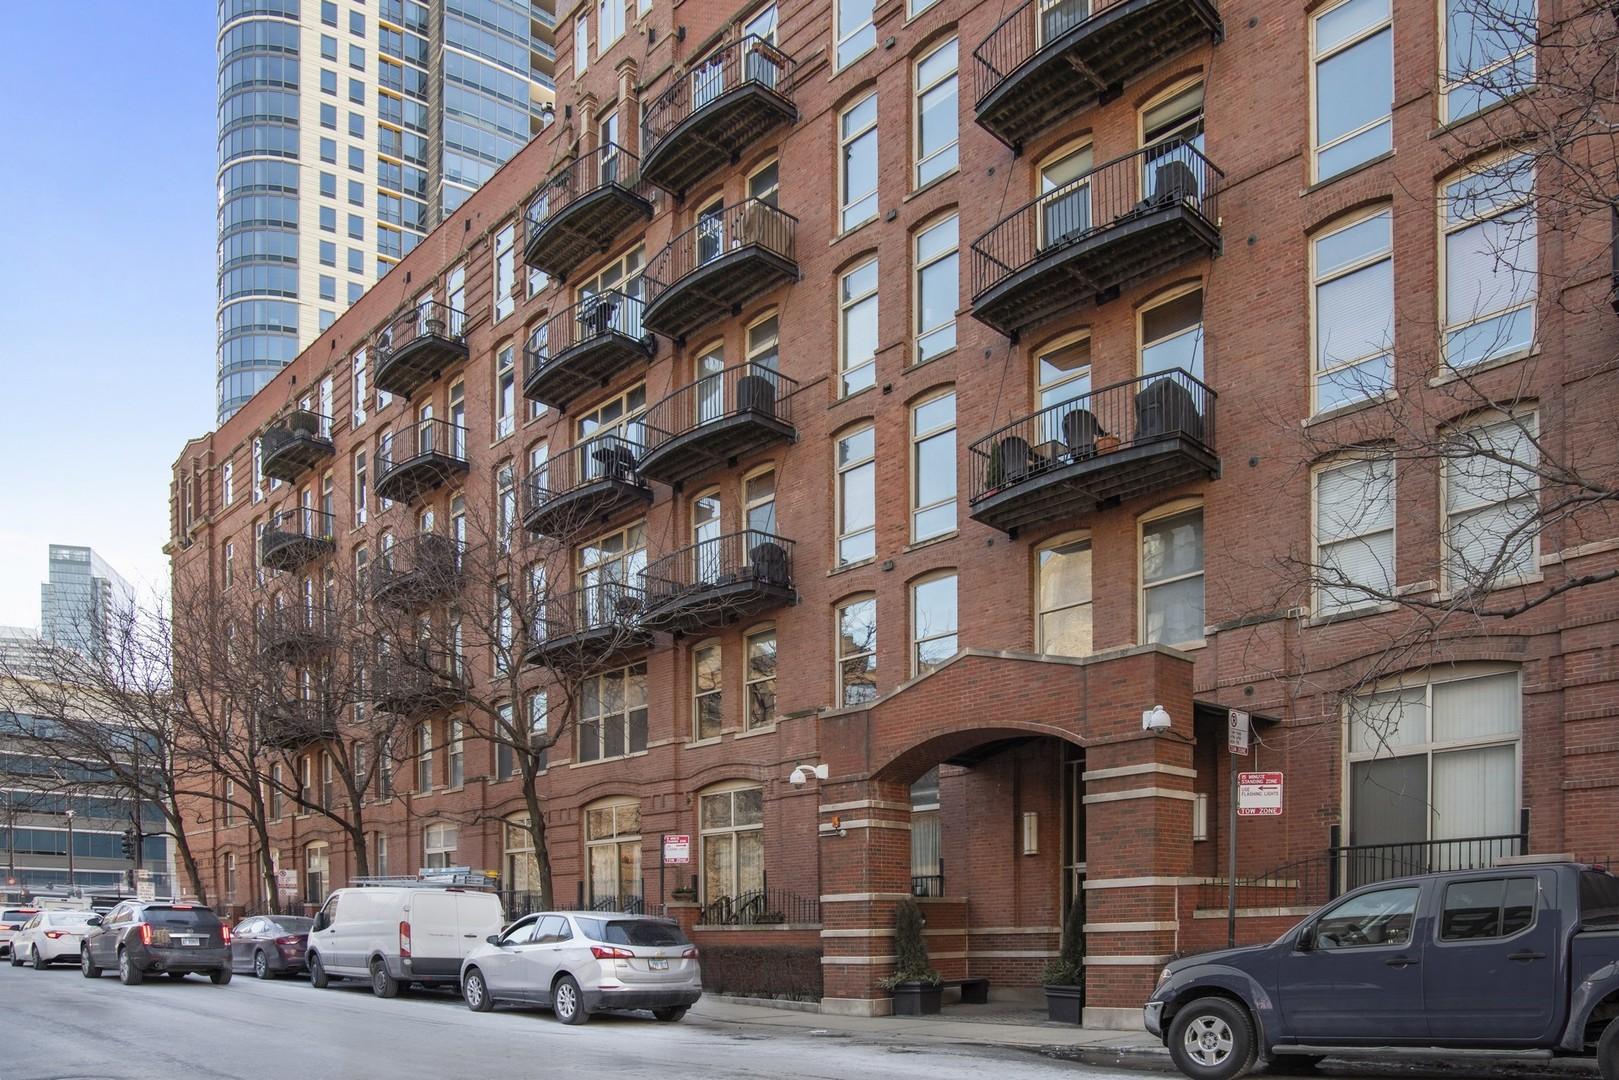 550 N Kingsbury Exterior Photo